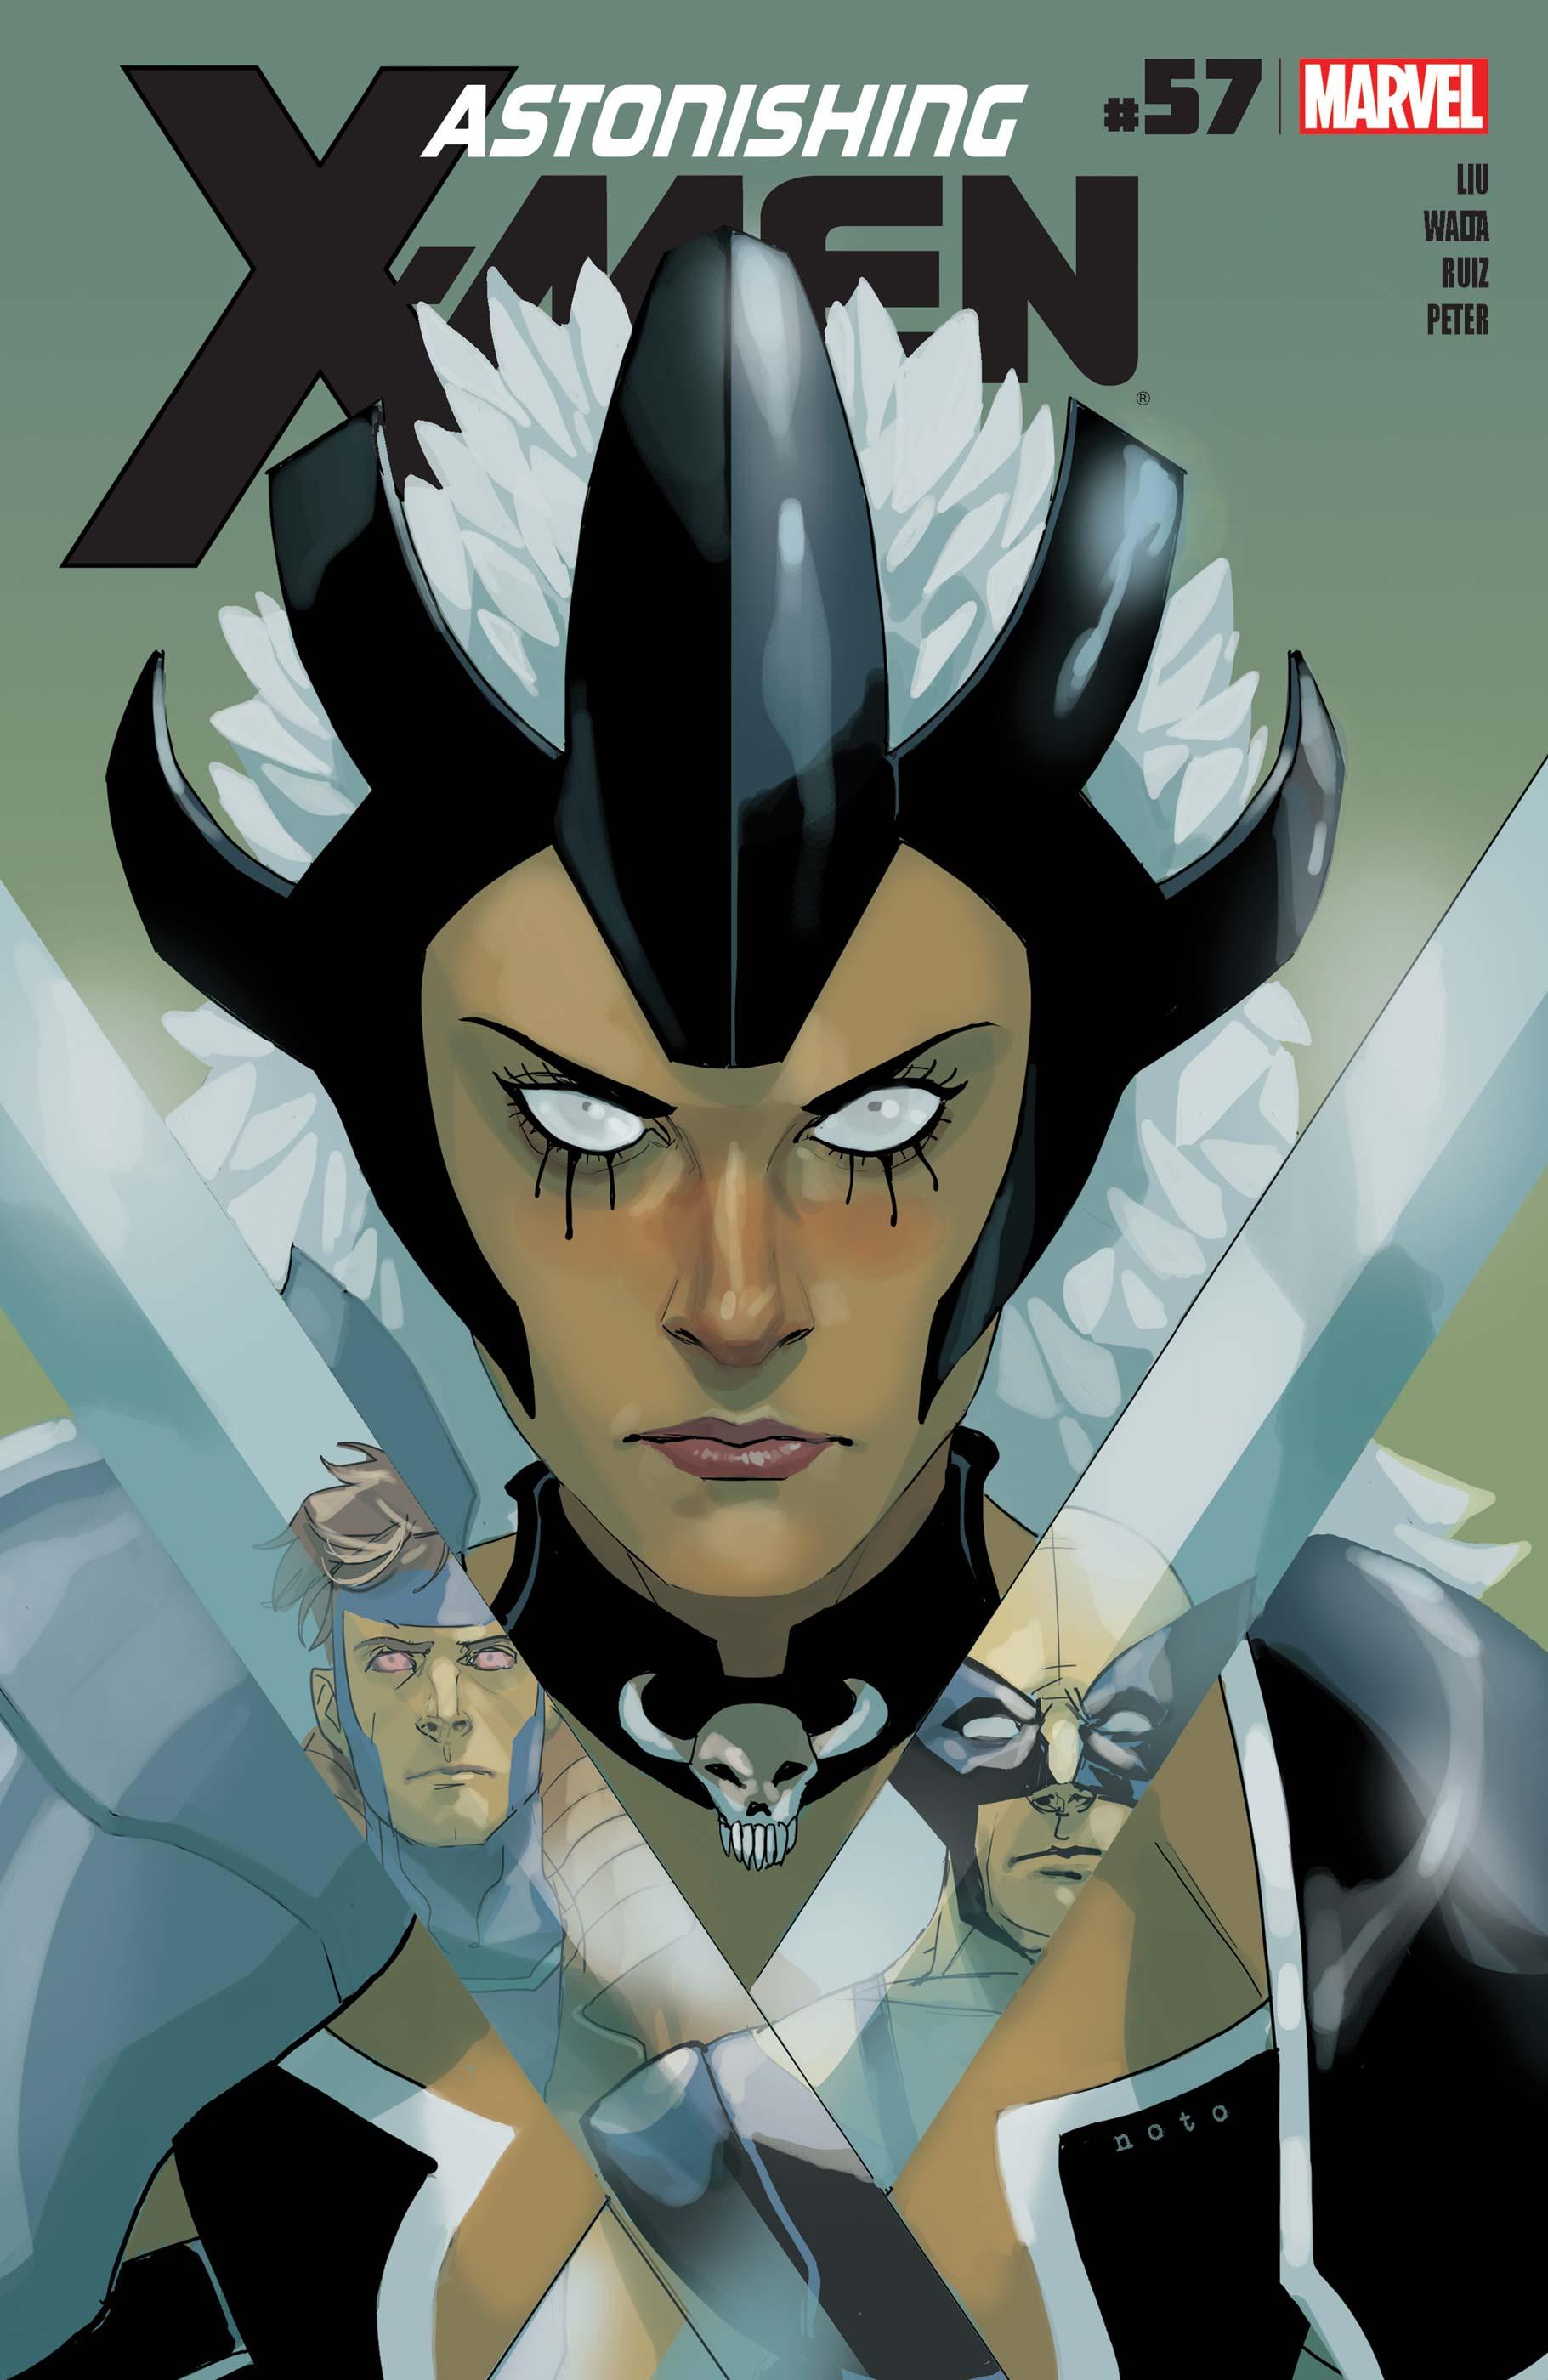 Astonishing X-Men (2004) #57